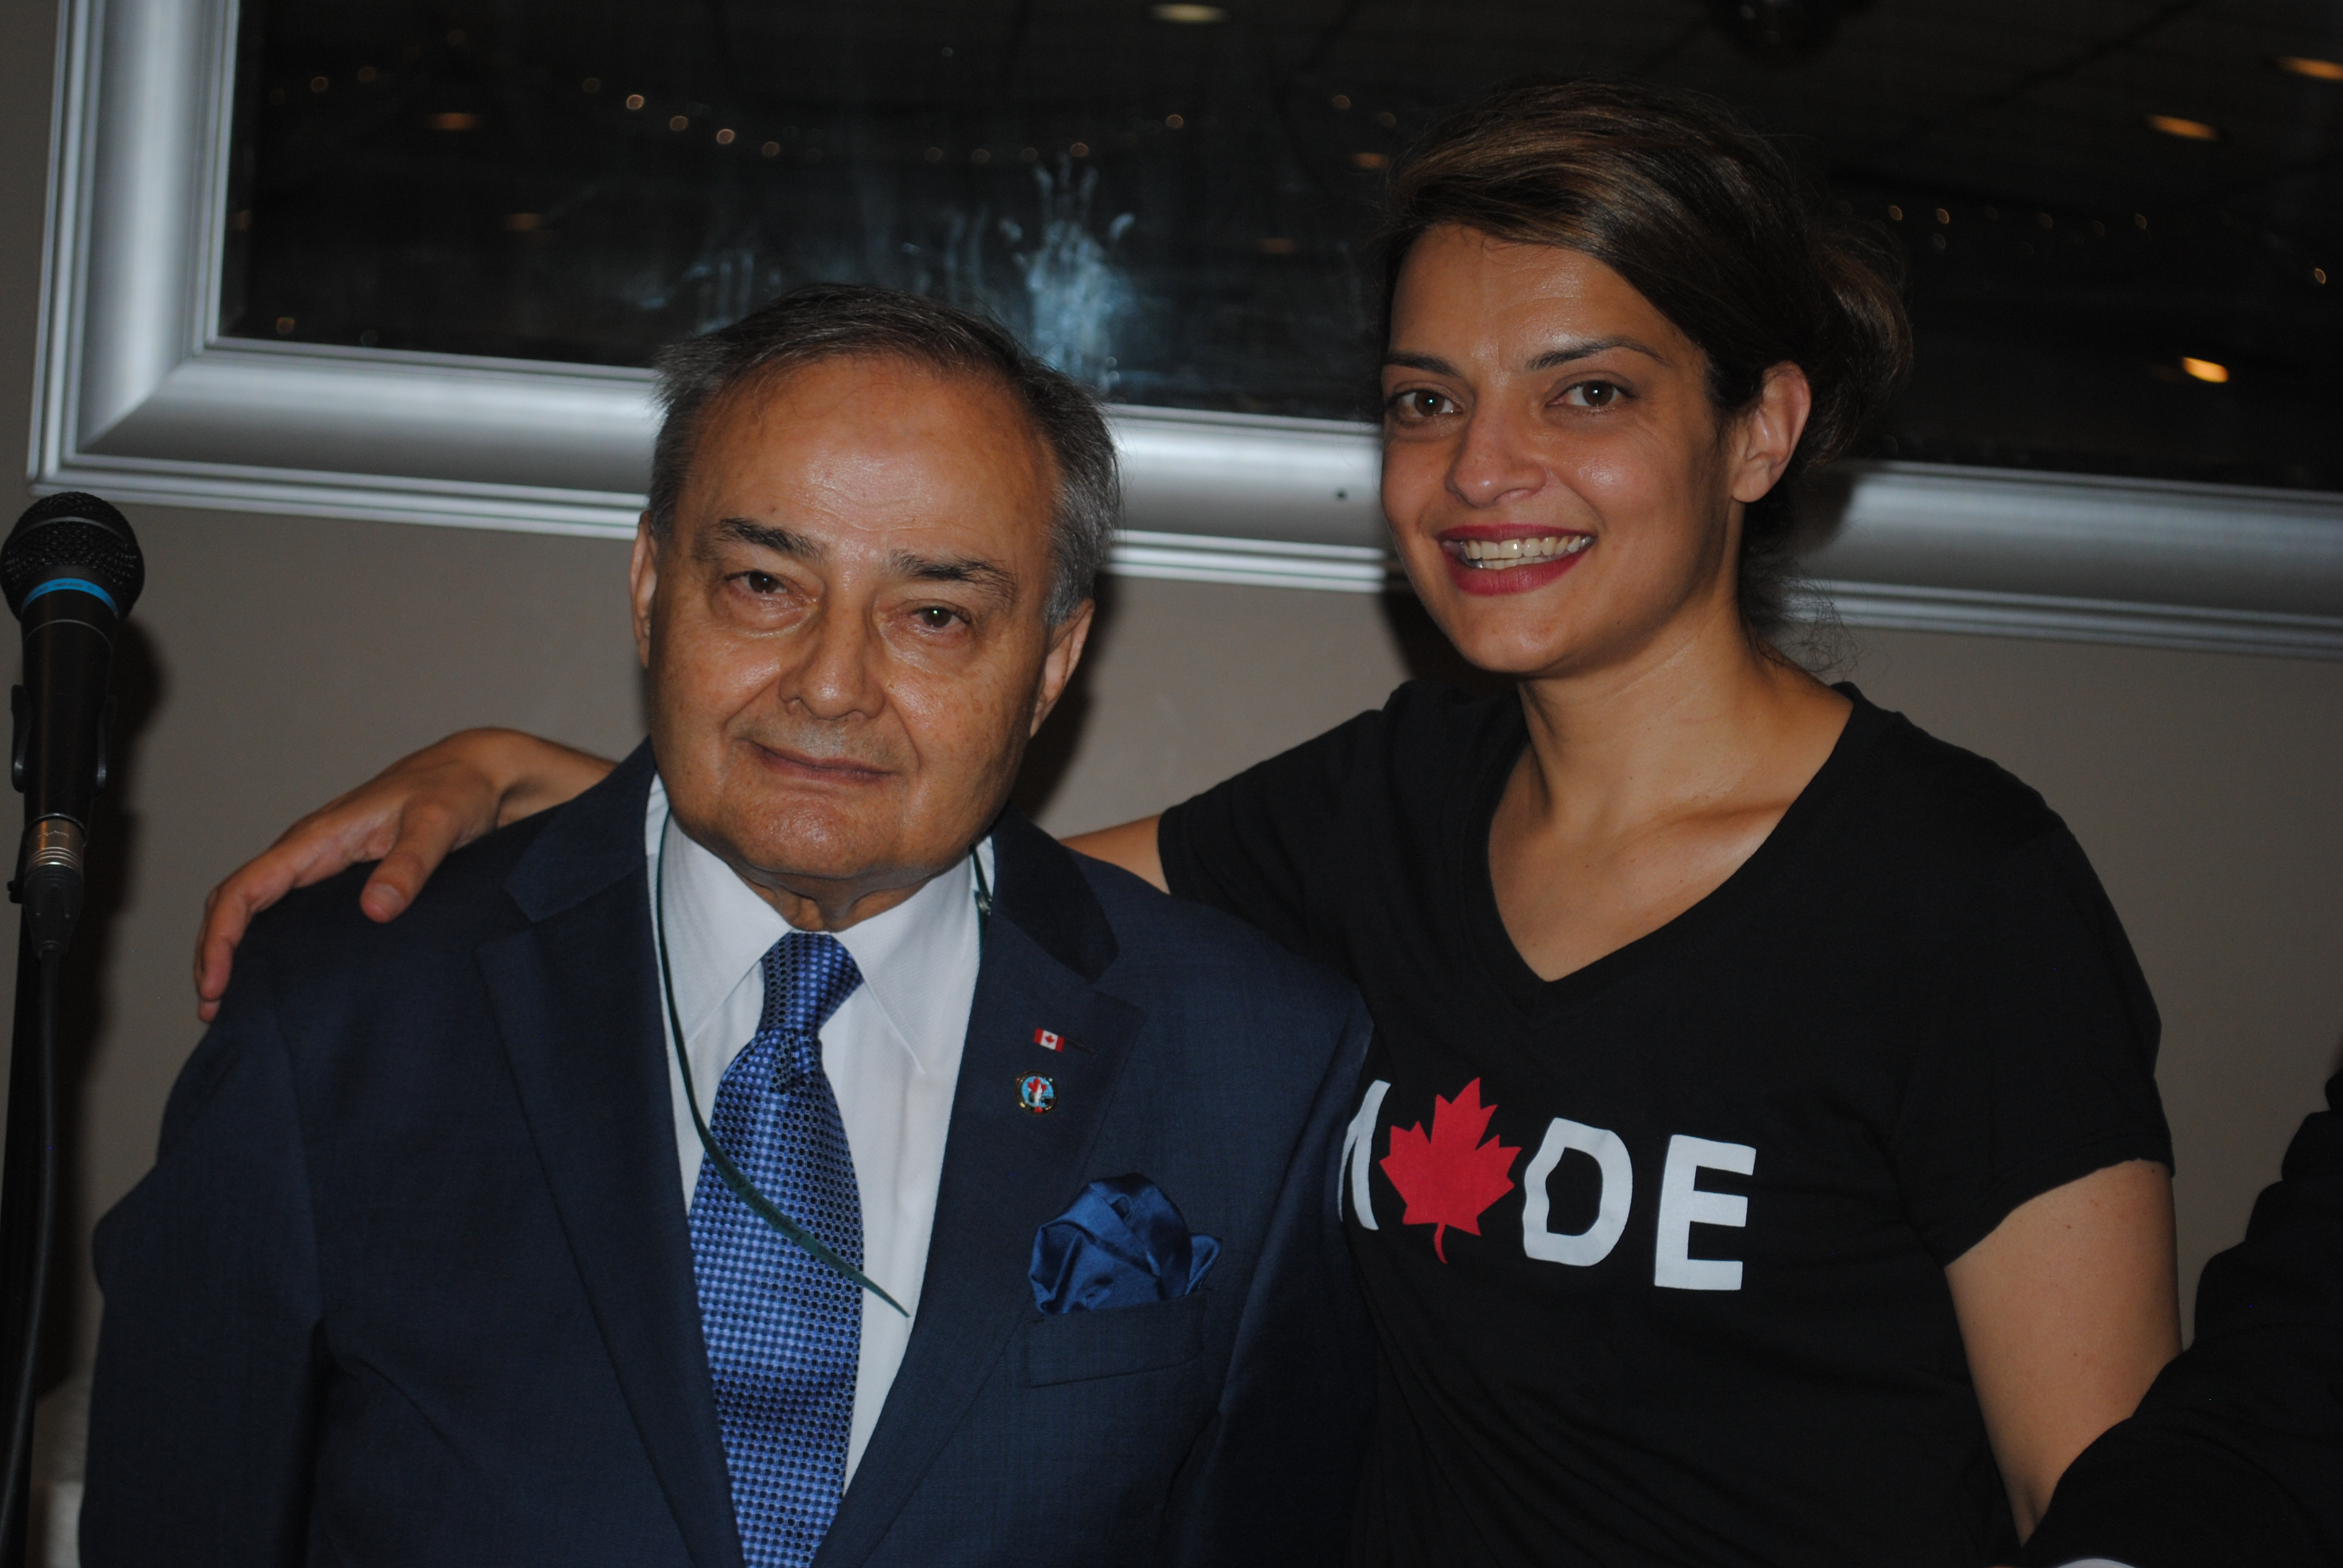 Συγχαρητήρια στους Θωμά Σάρα και Μαρία Σάρα-Βουτσινάς για το National Ethnic Press and Media Council of Canada Event